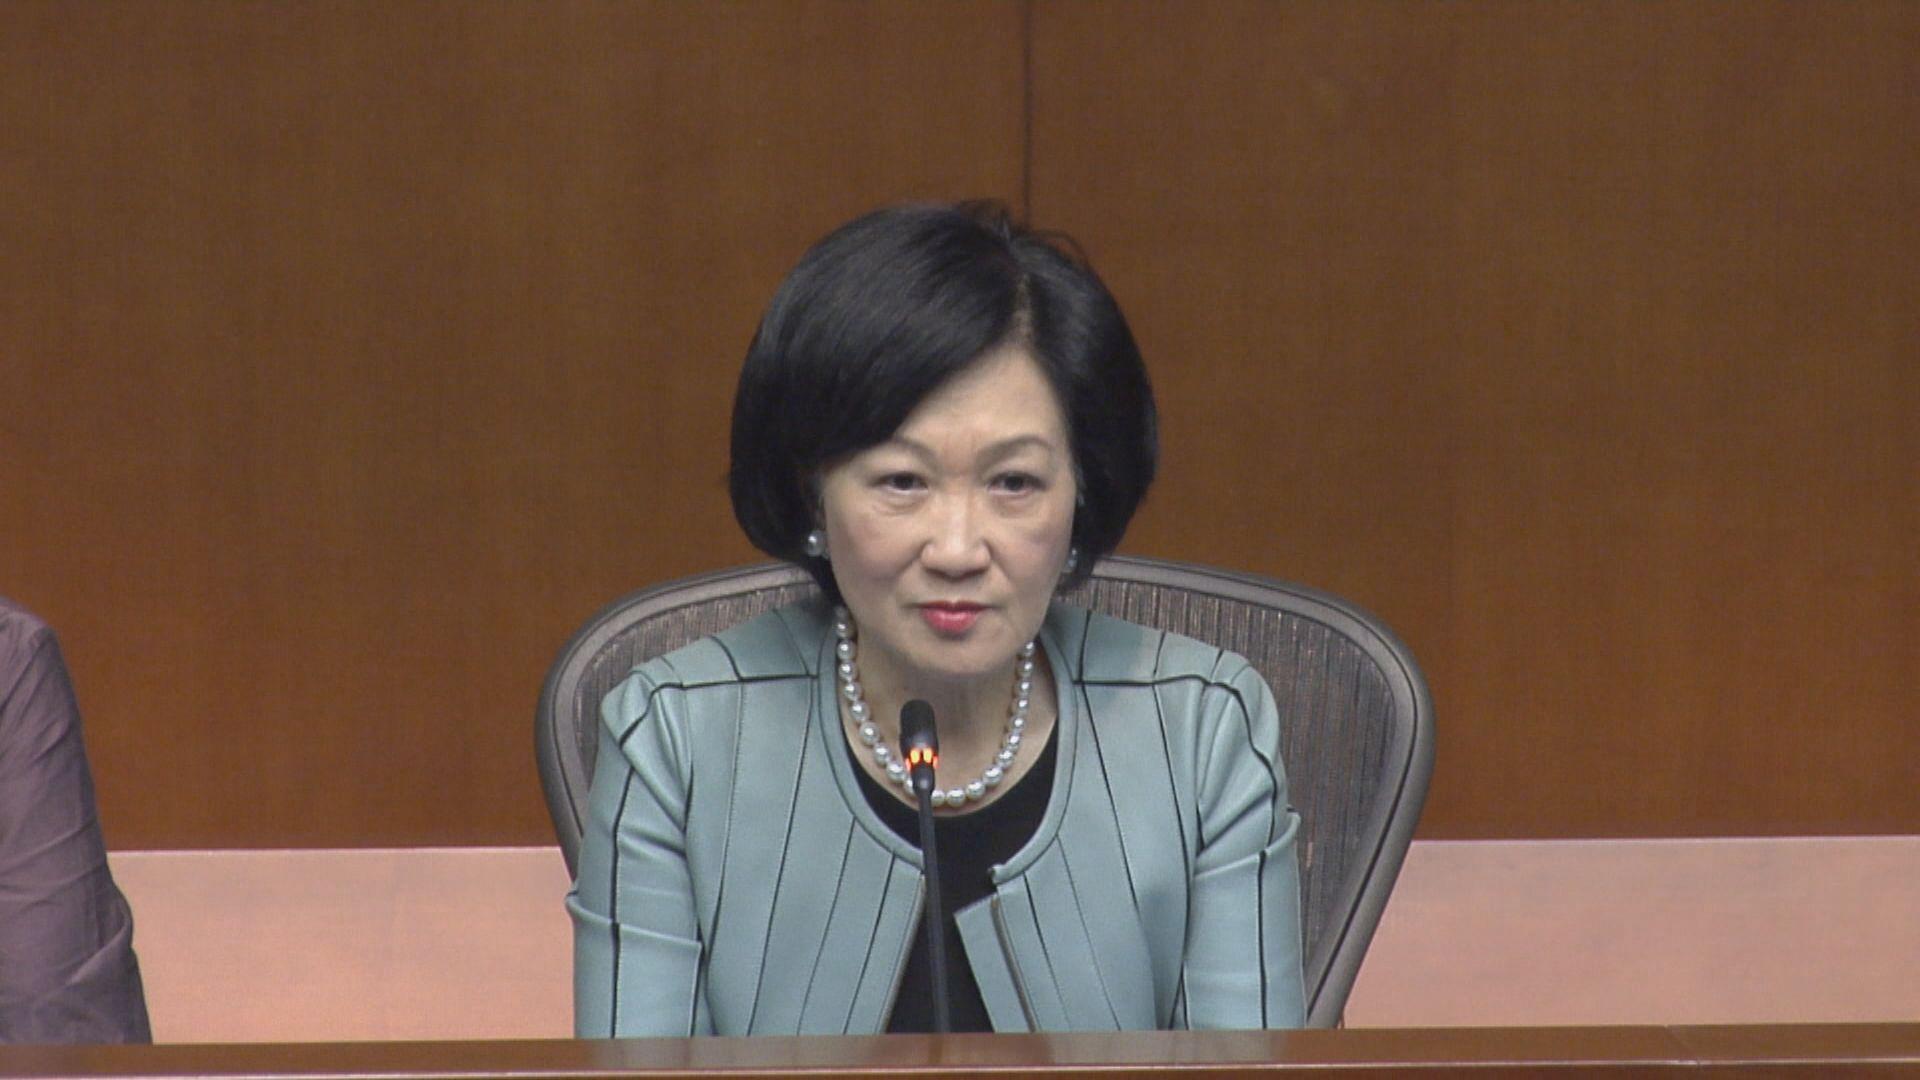 葉劉:得悉有參議員對法案有保留